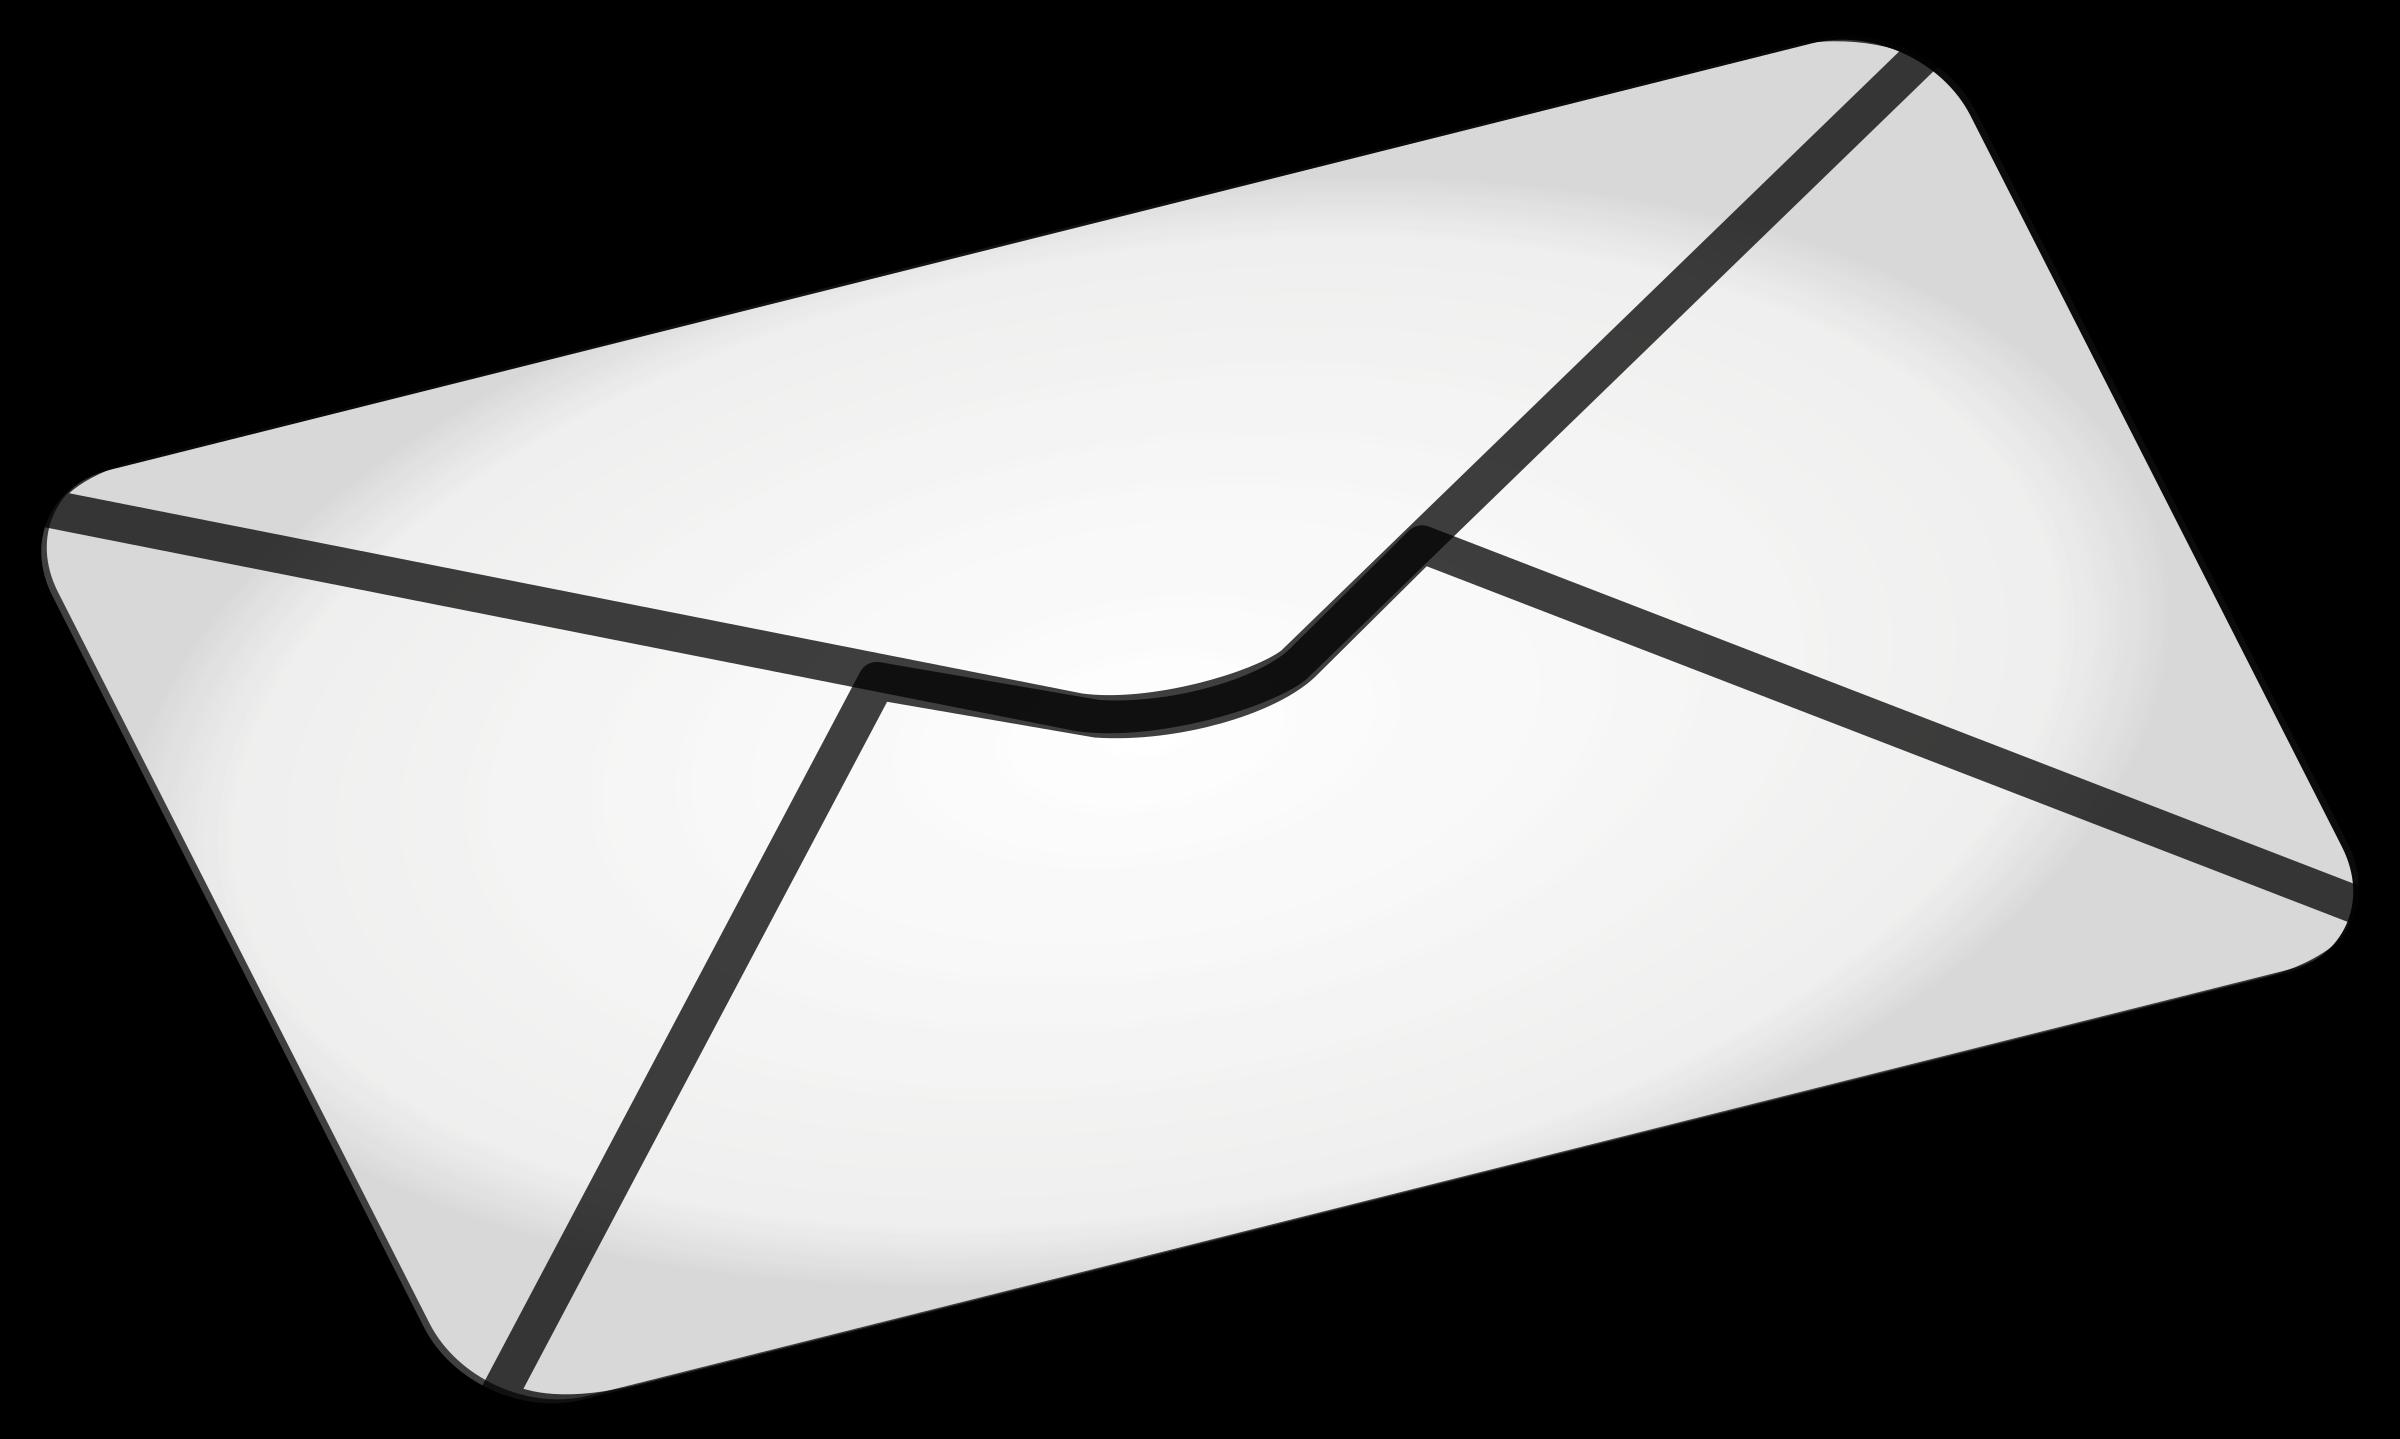 Envelope clipart envelop. Big image png